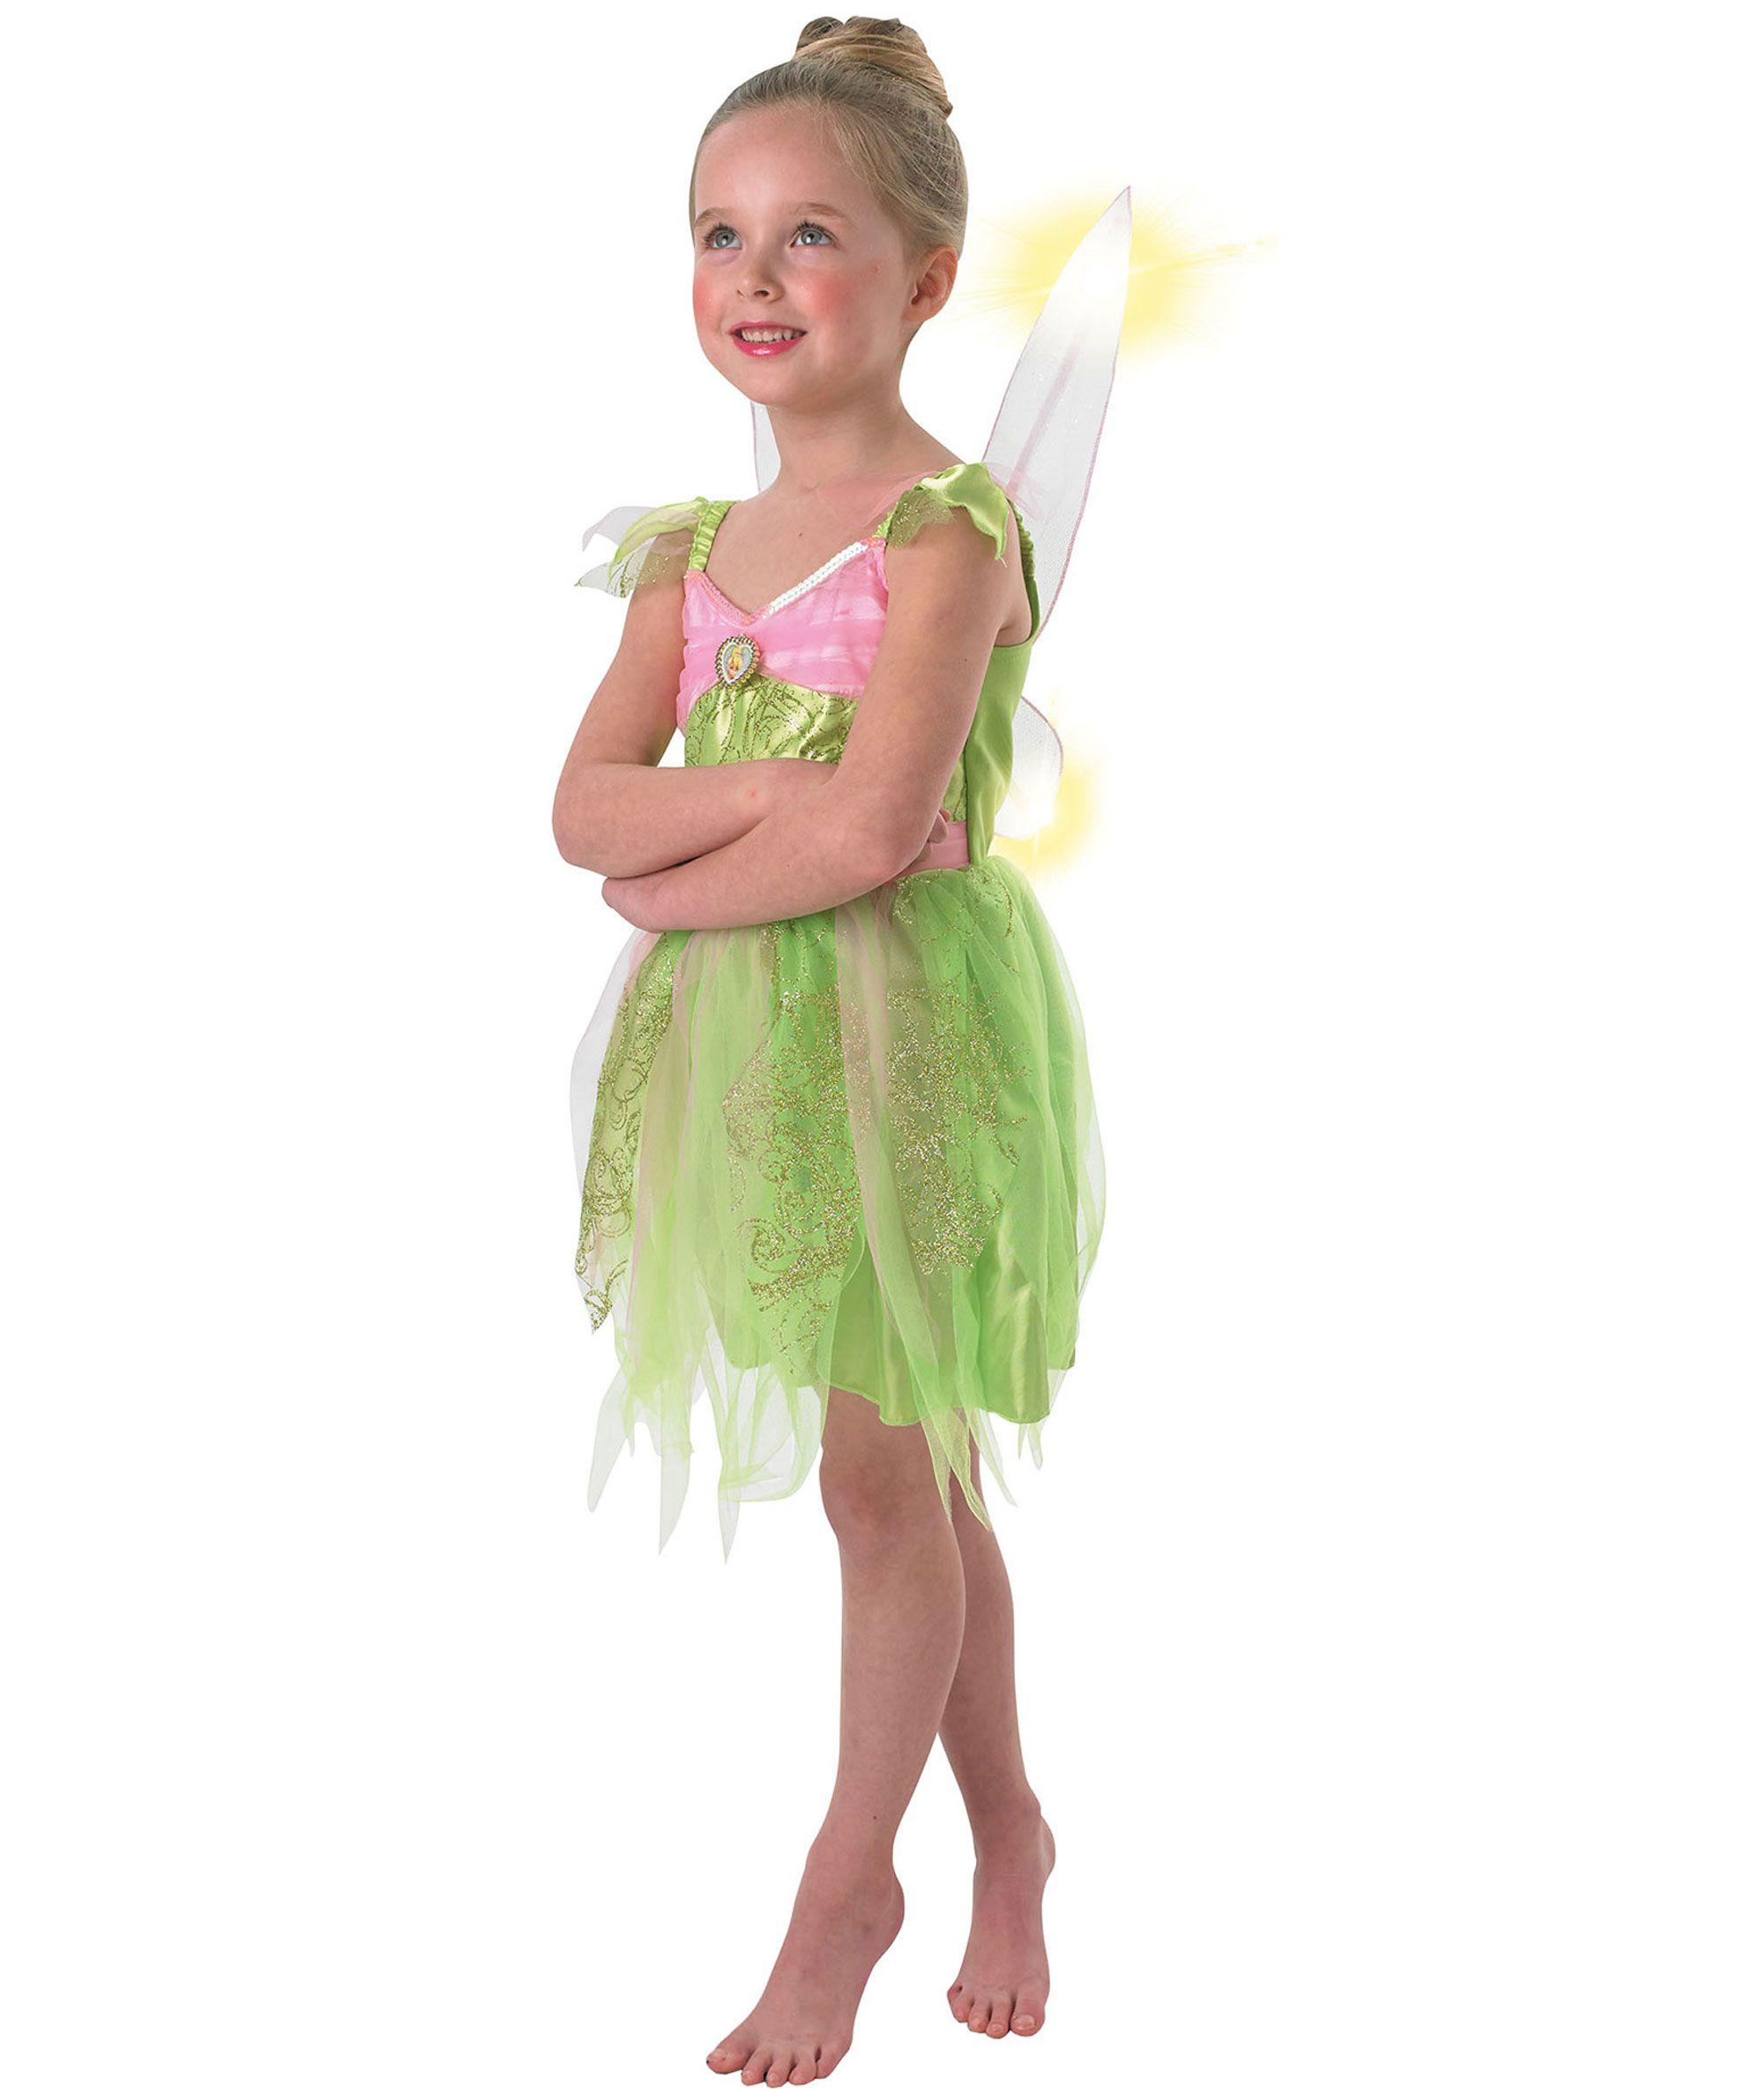 2858aabc190f1 Tinkerbell Kostüm Mädchen grün-rosa | Feen | Tinkerbell kostüm, Fee ...